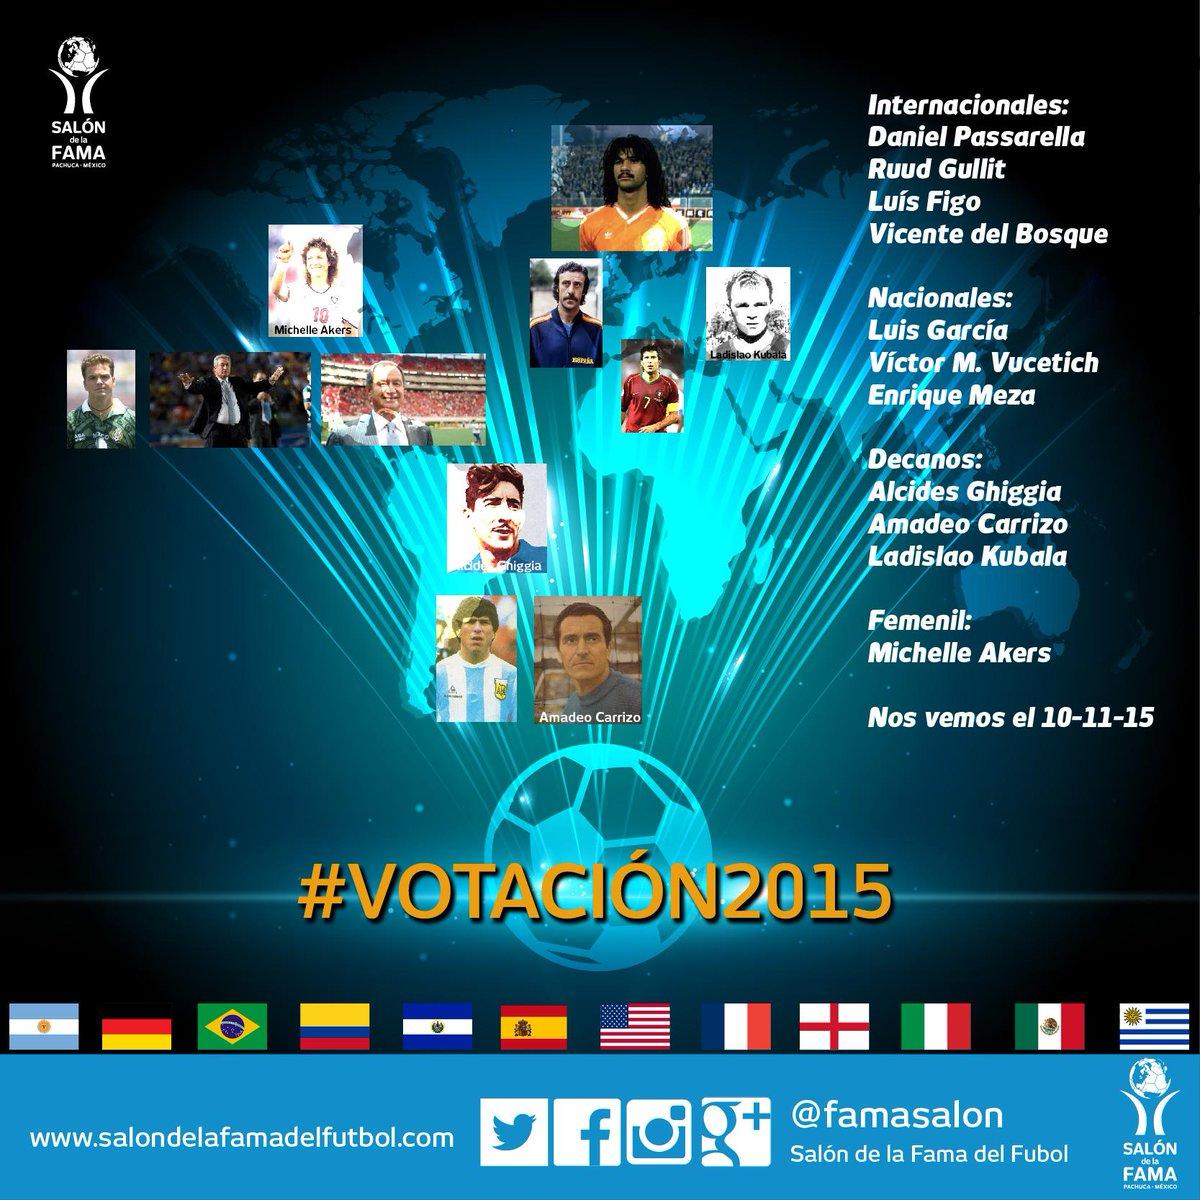 Los 11 miembros del Salón de la Fama del Futbol Internacional están decididos #Votación2015 rumbo a la #5aInvestidura http://t.co/mbP5QhRDDZ